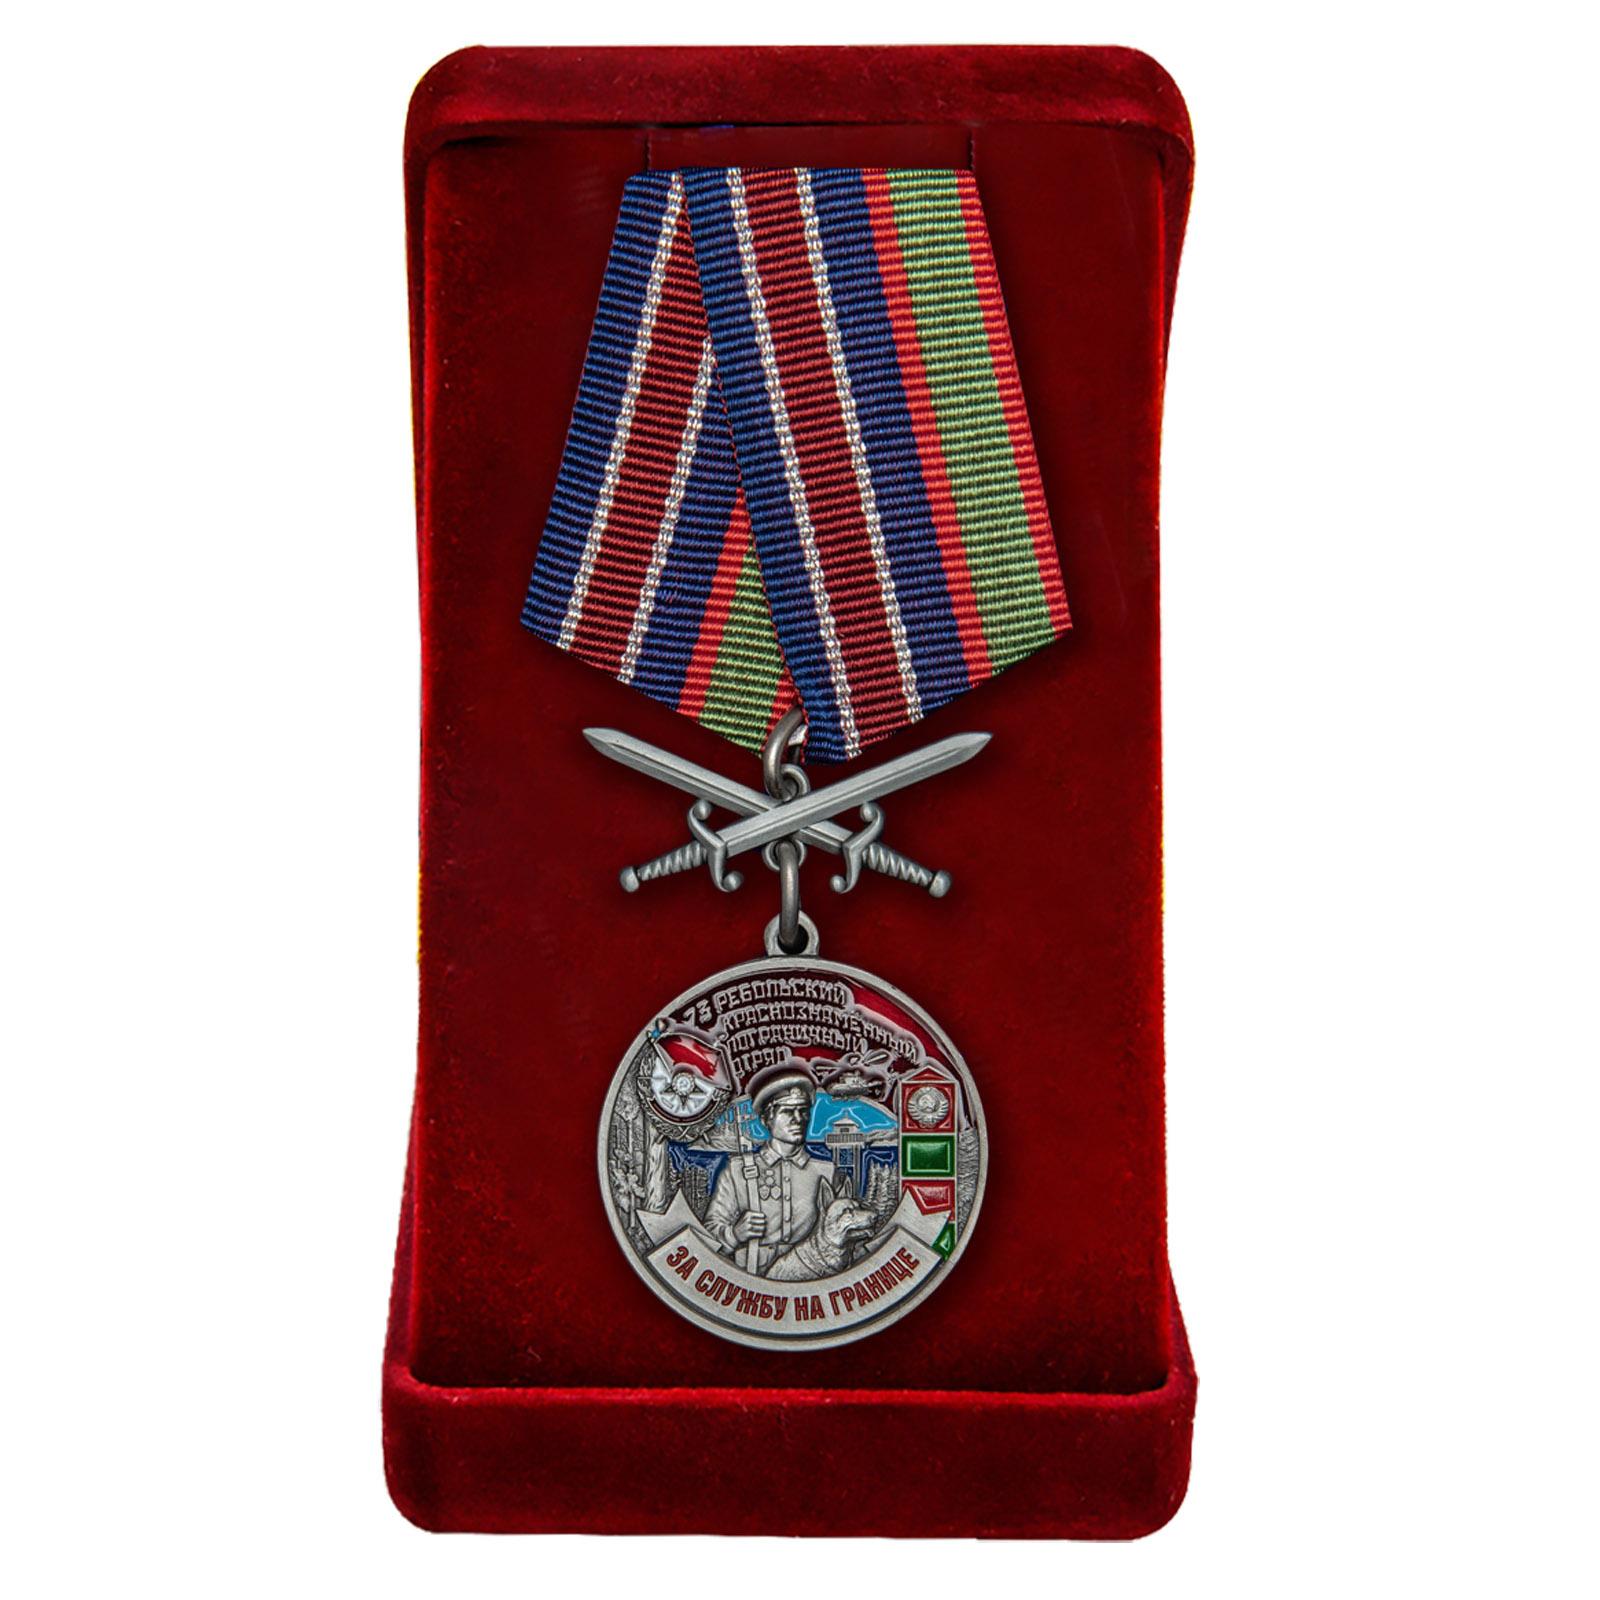 Купить медаль За службу на границе (73 Ребольский ПогО) с доставкой